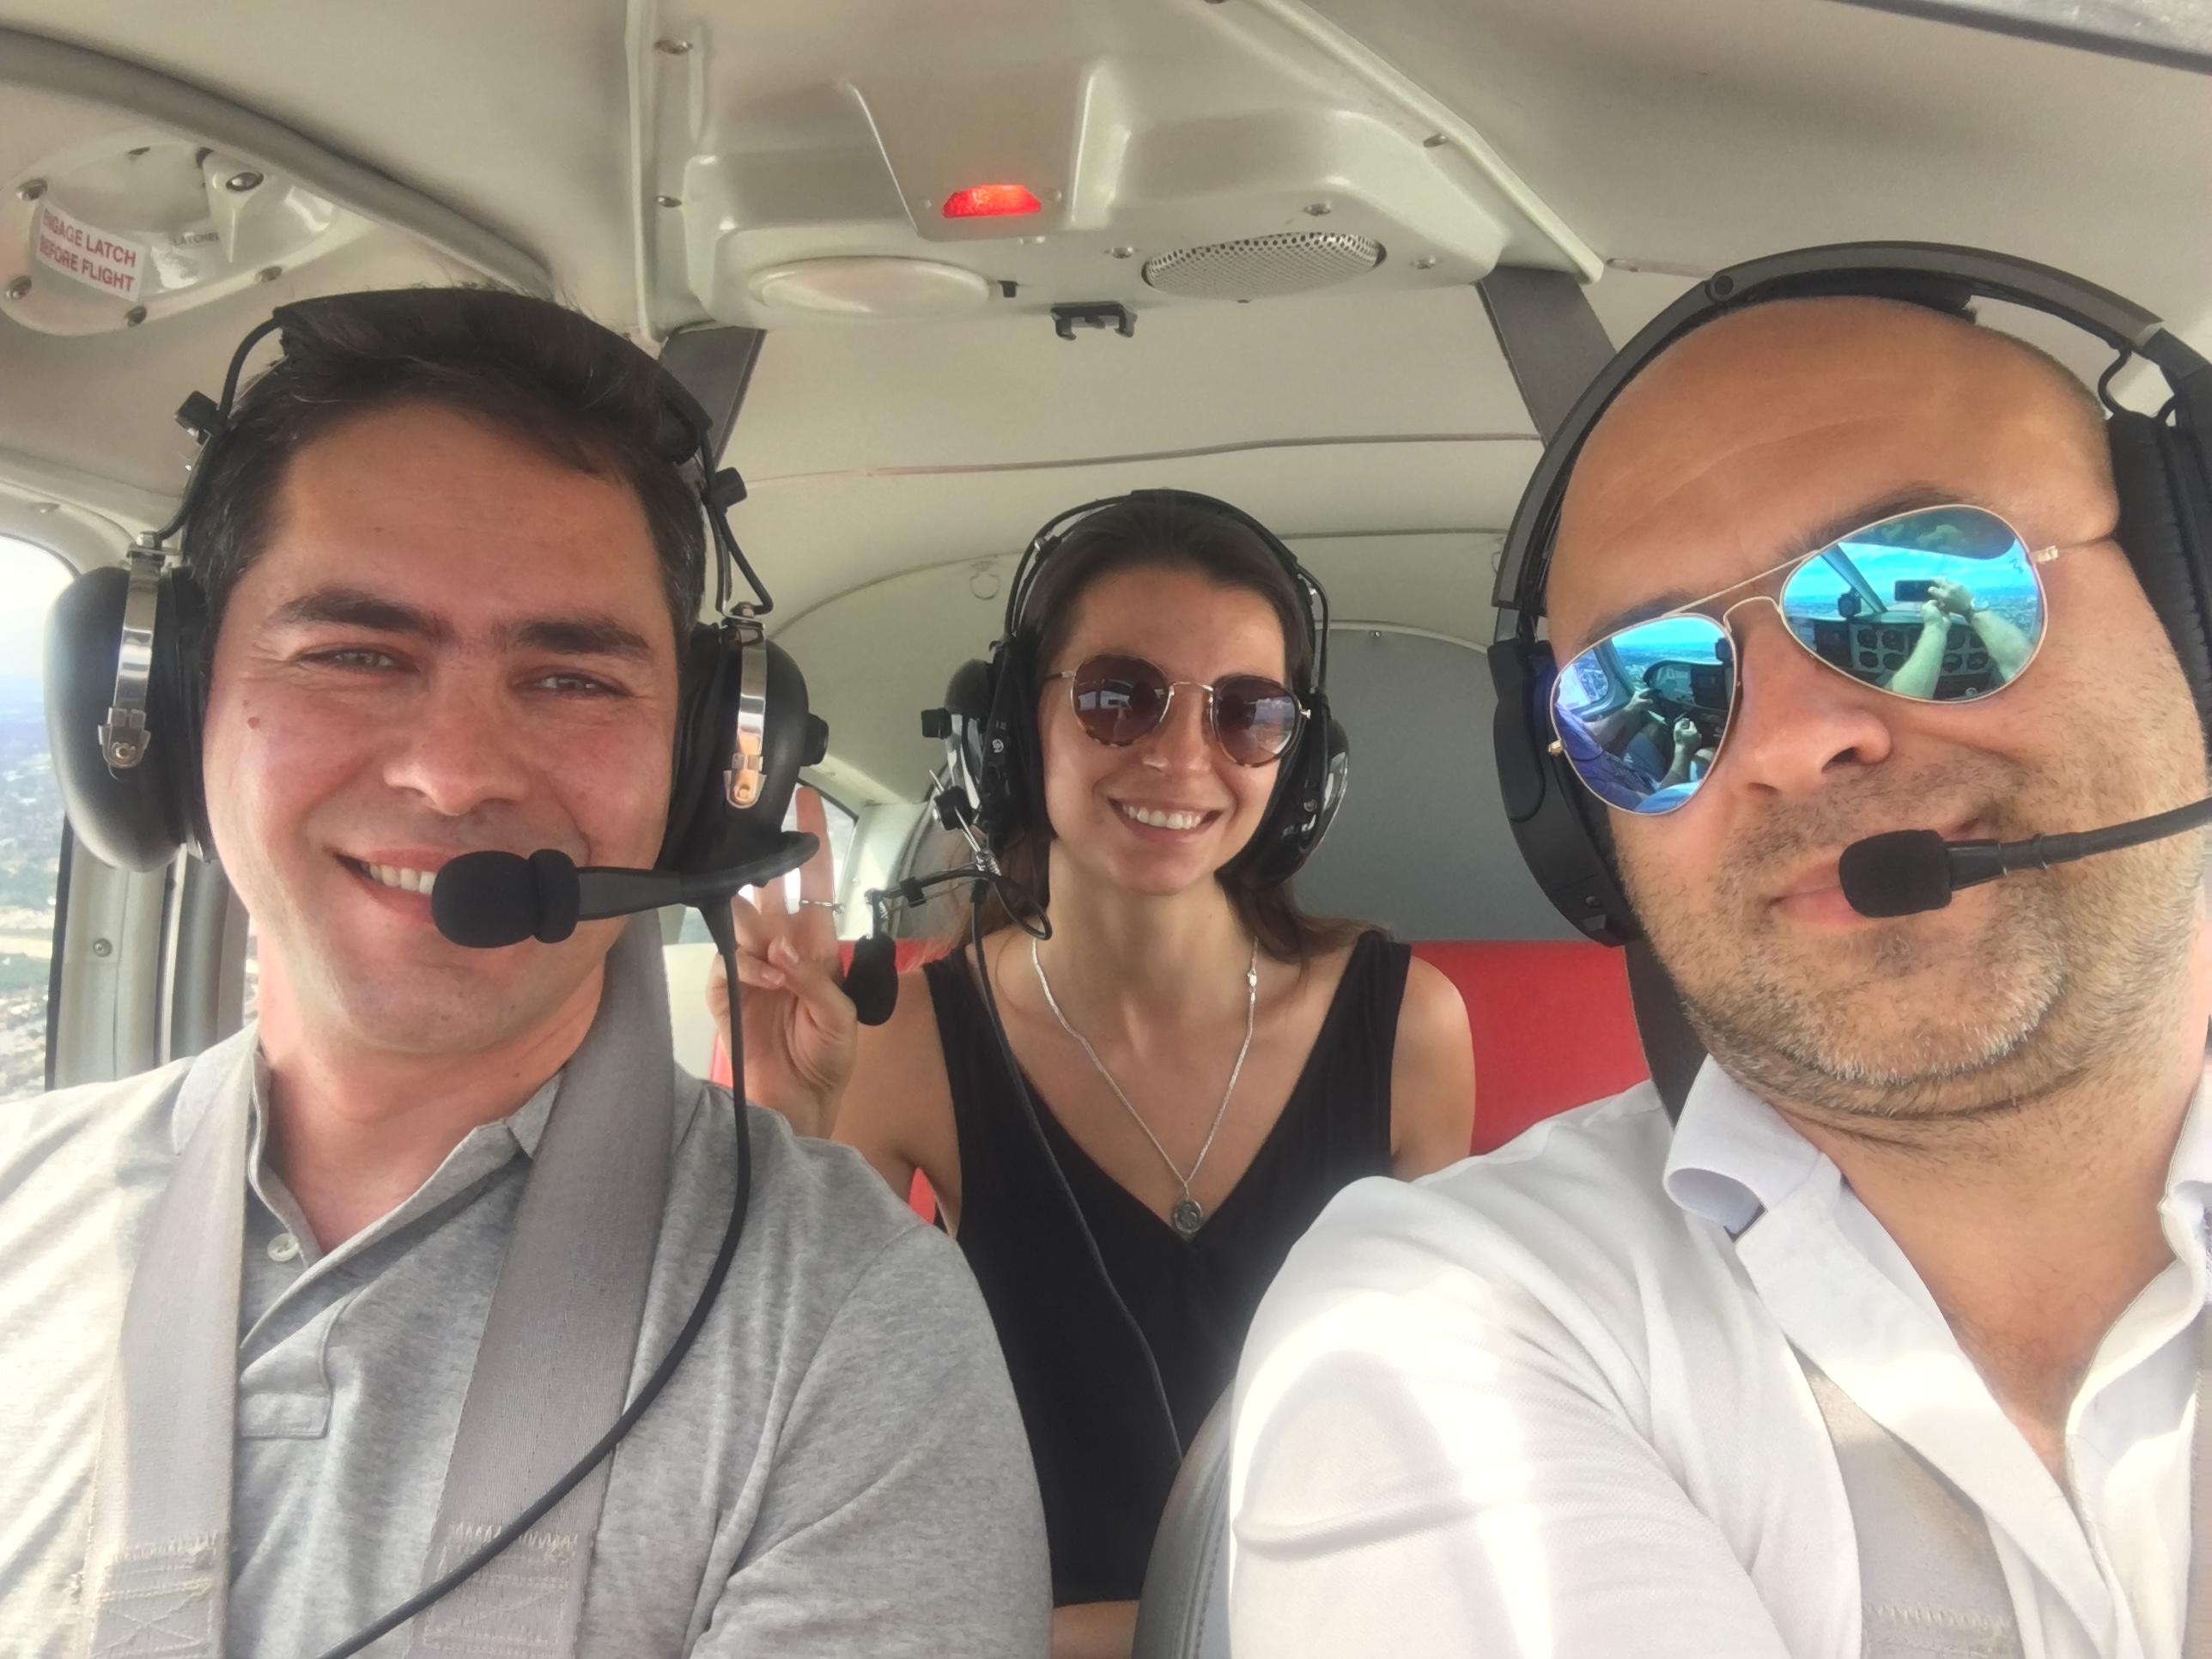 Our pilot!